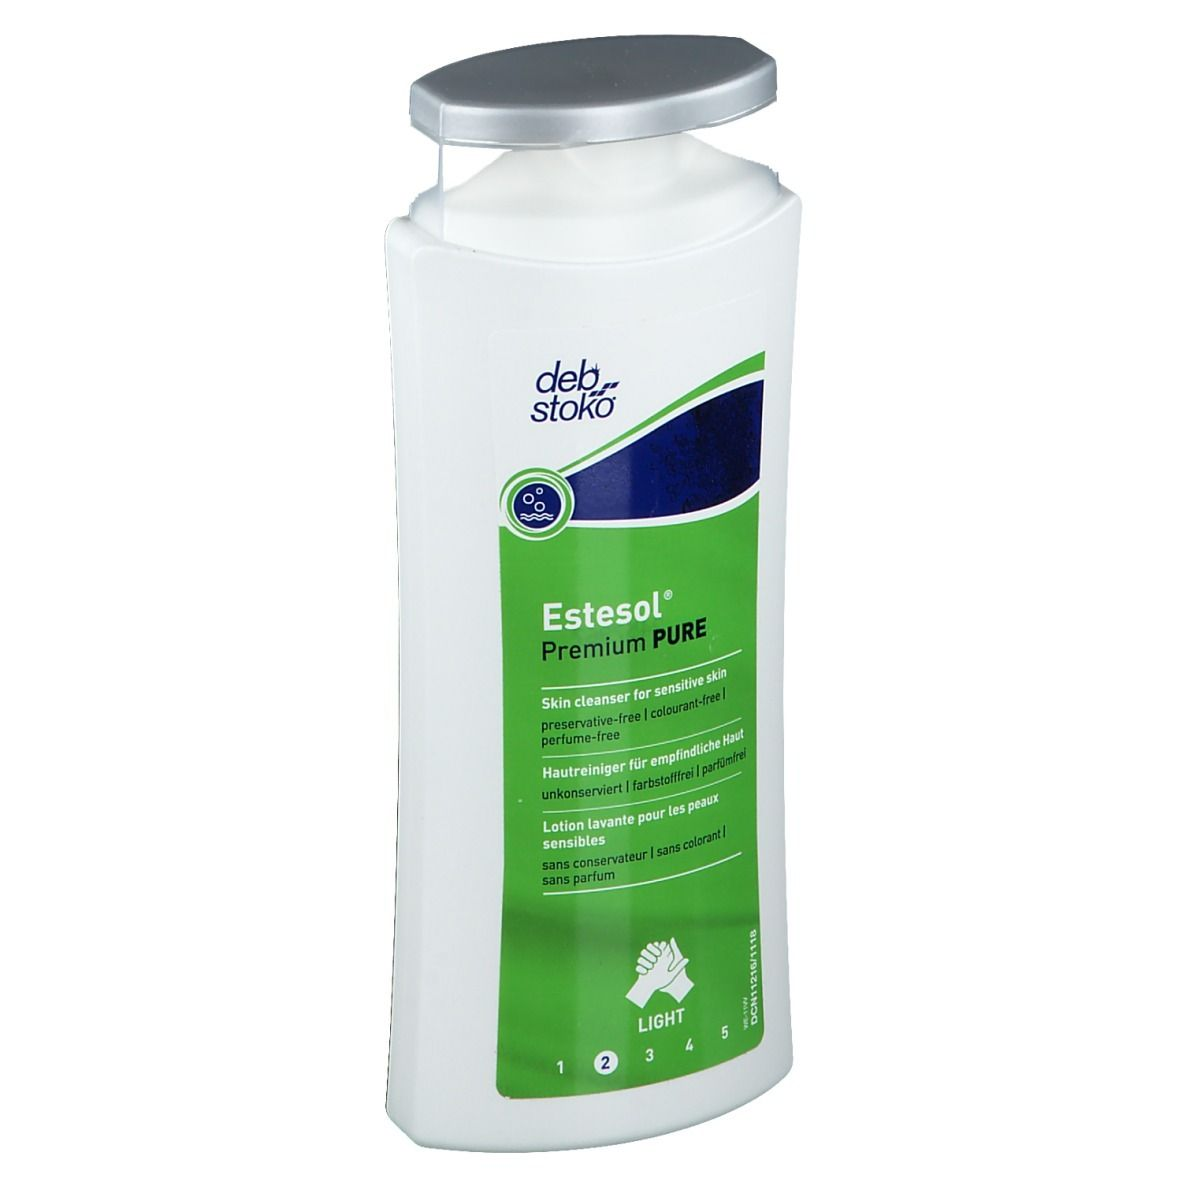 Estesol® Premium PURE